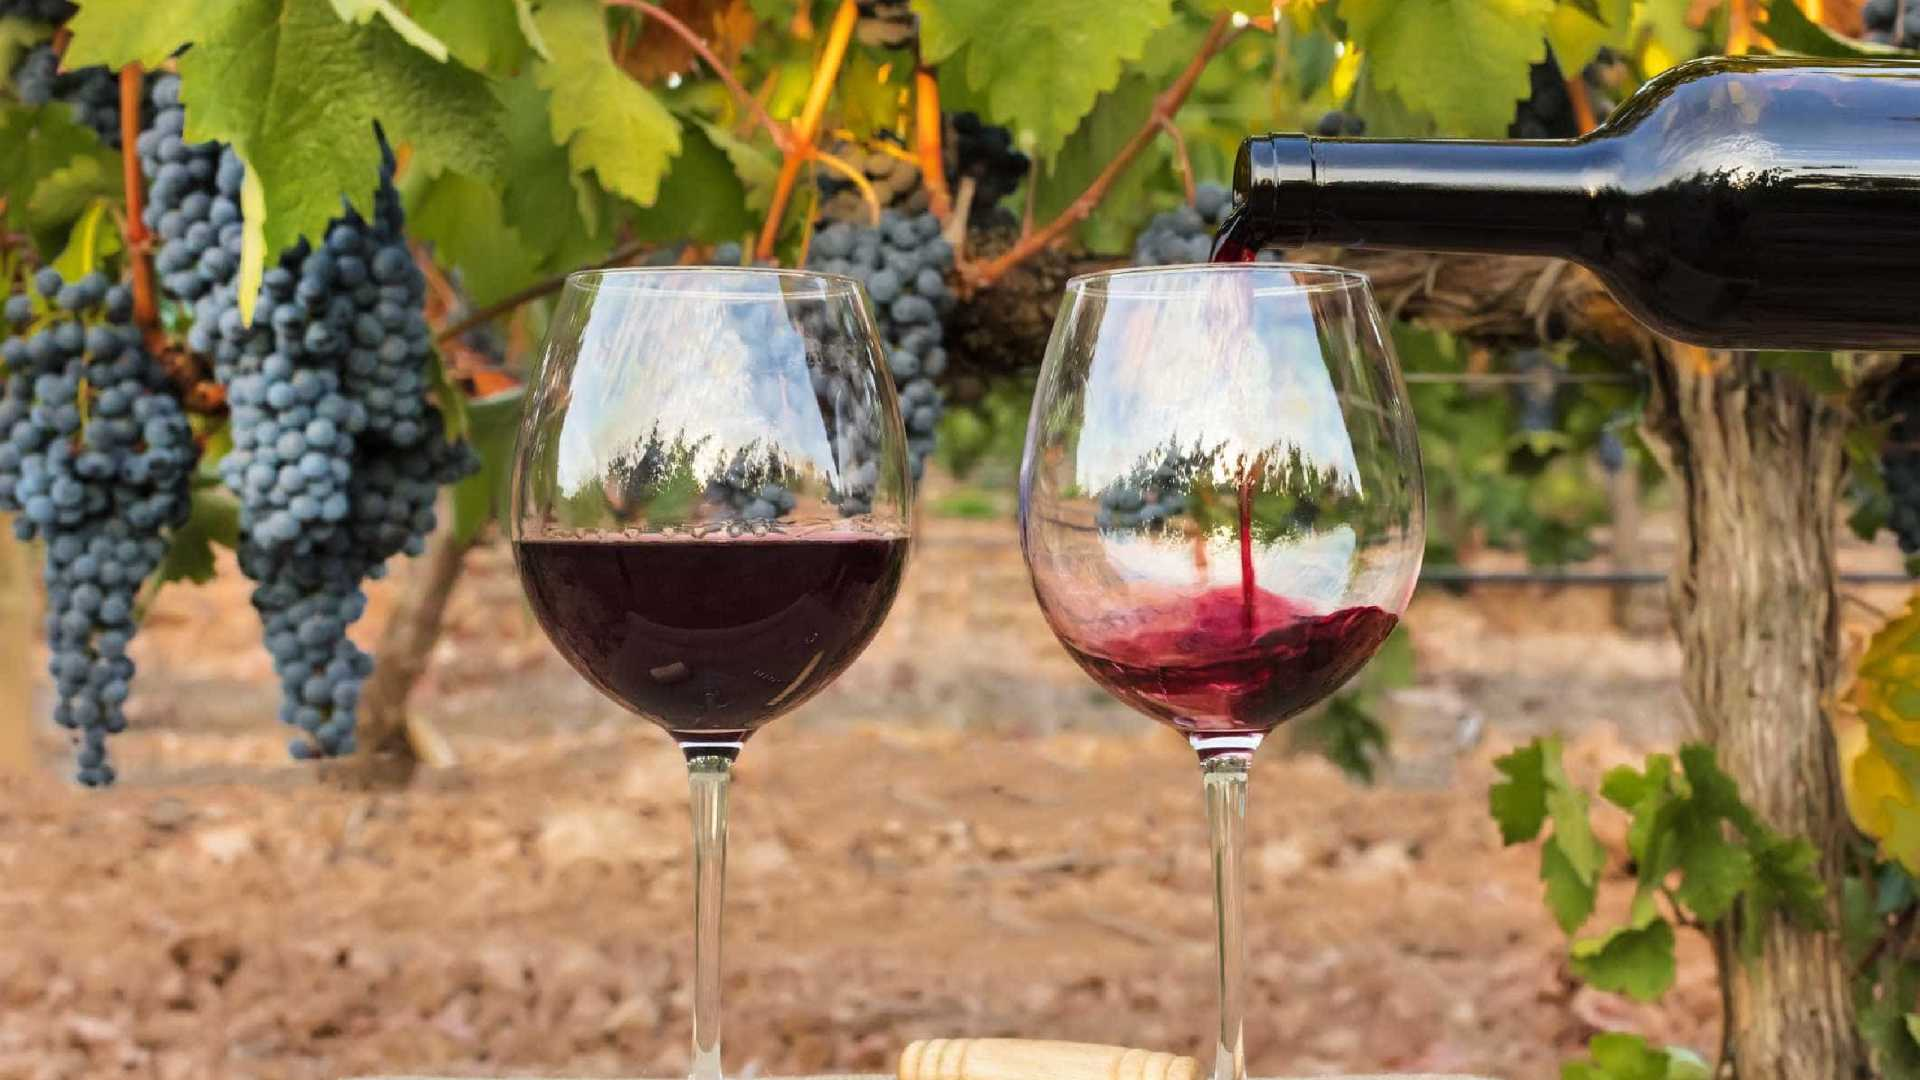 Всемирный день божоле нуво: пять мифов об этом вине - туризм. особенности и правила употребления божоле — вина «младенческого» возраста